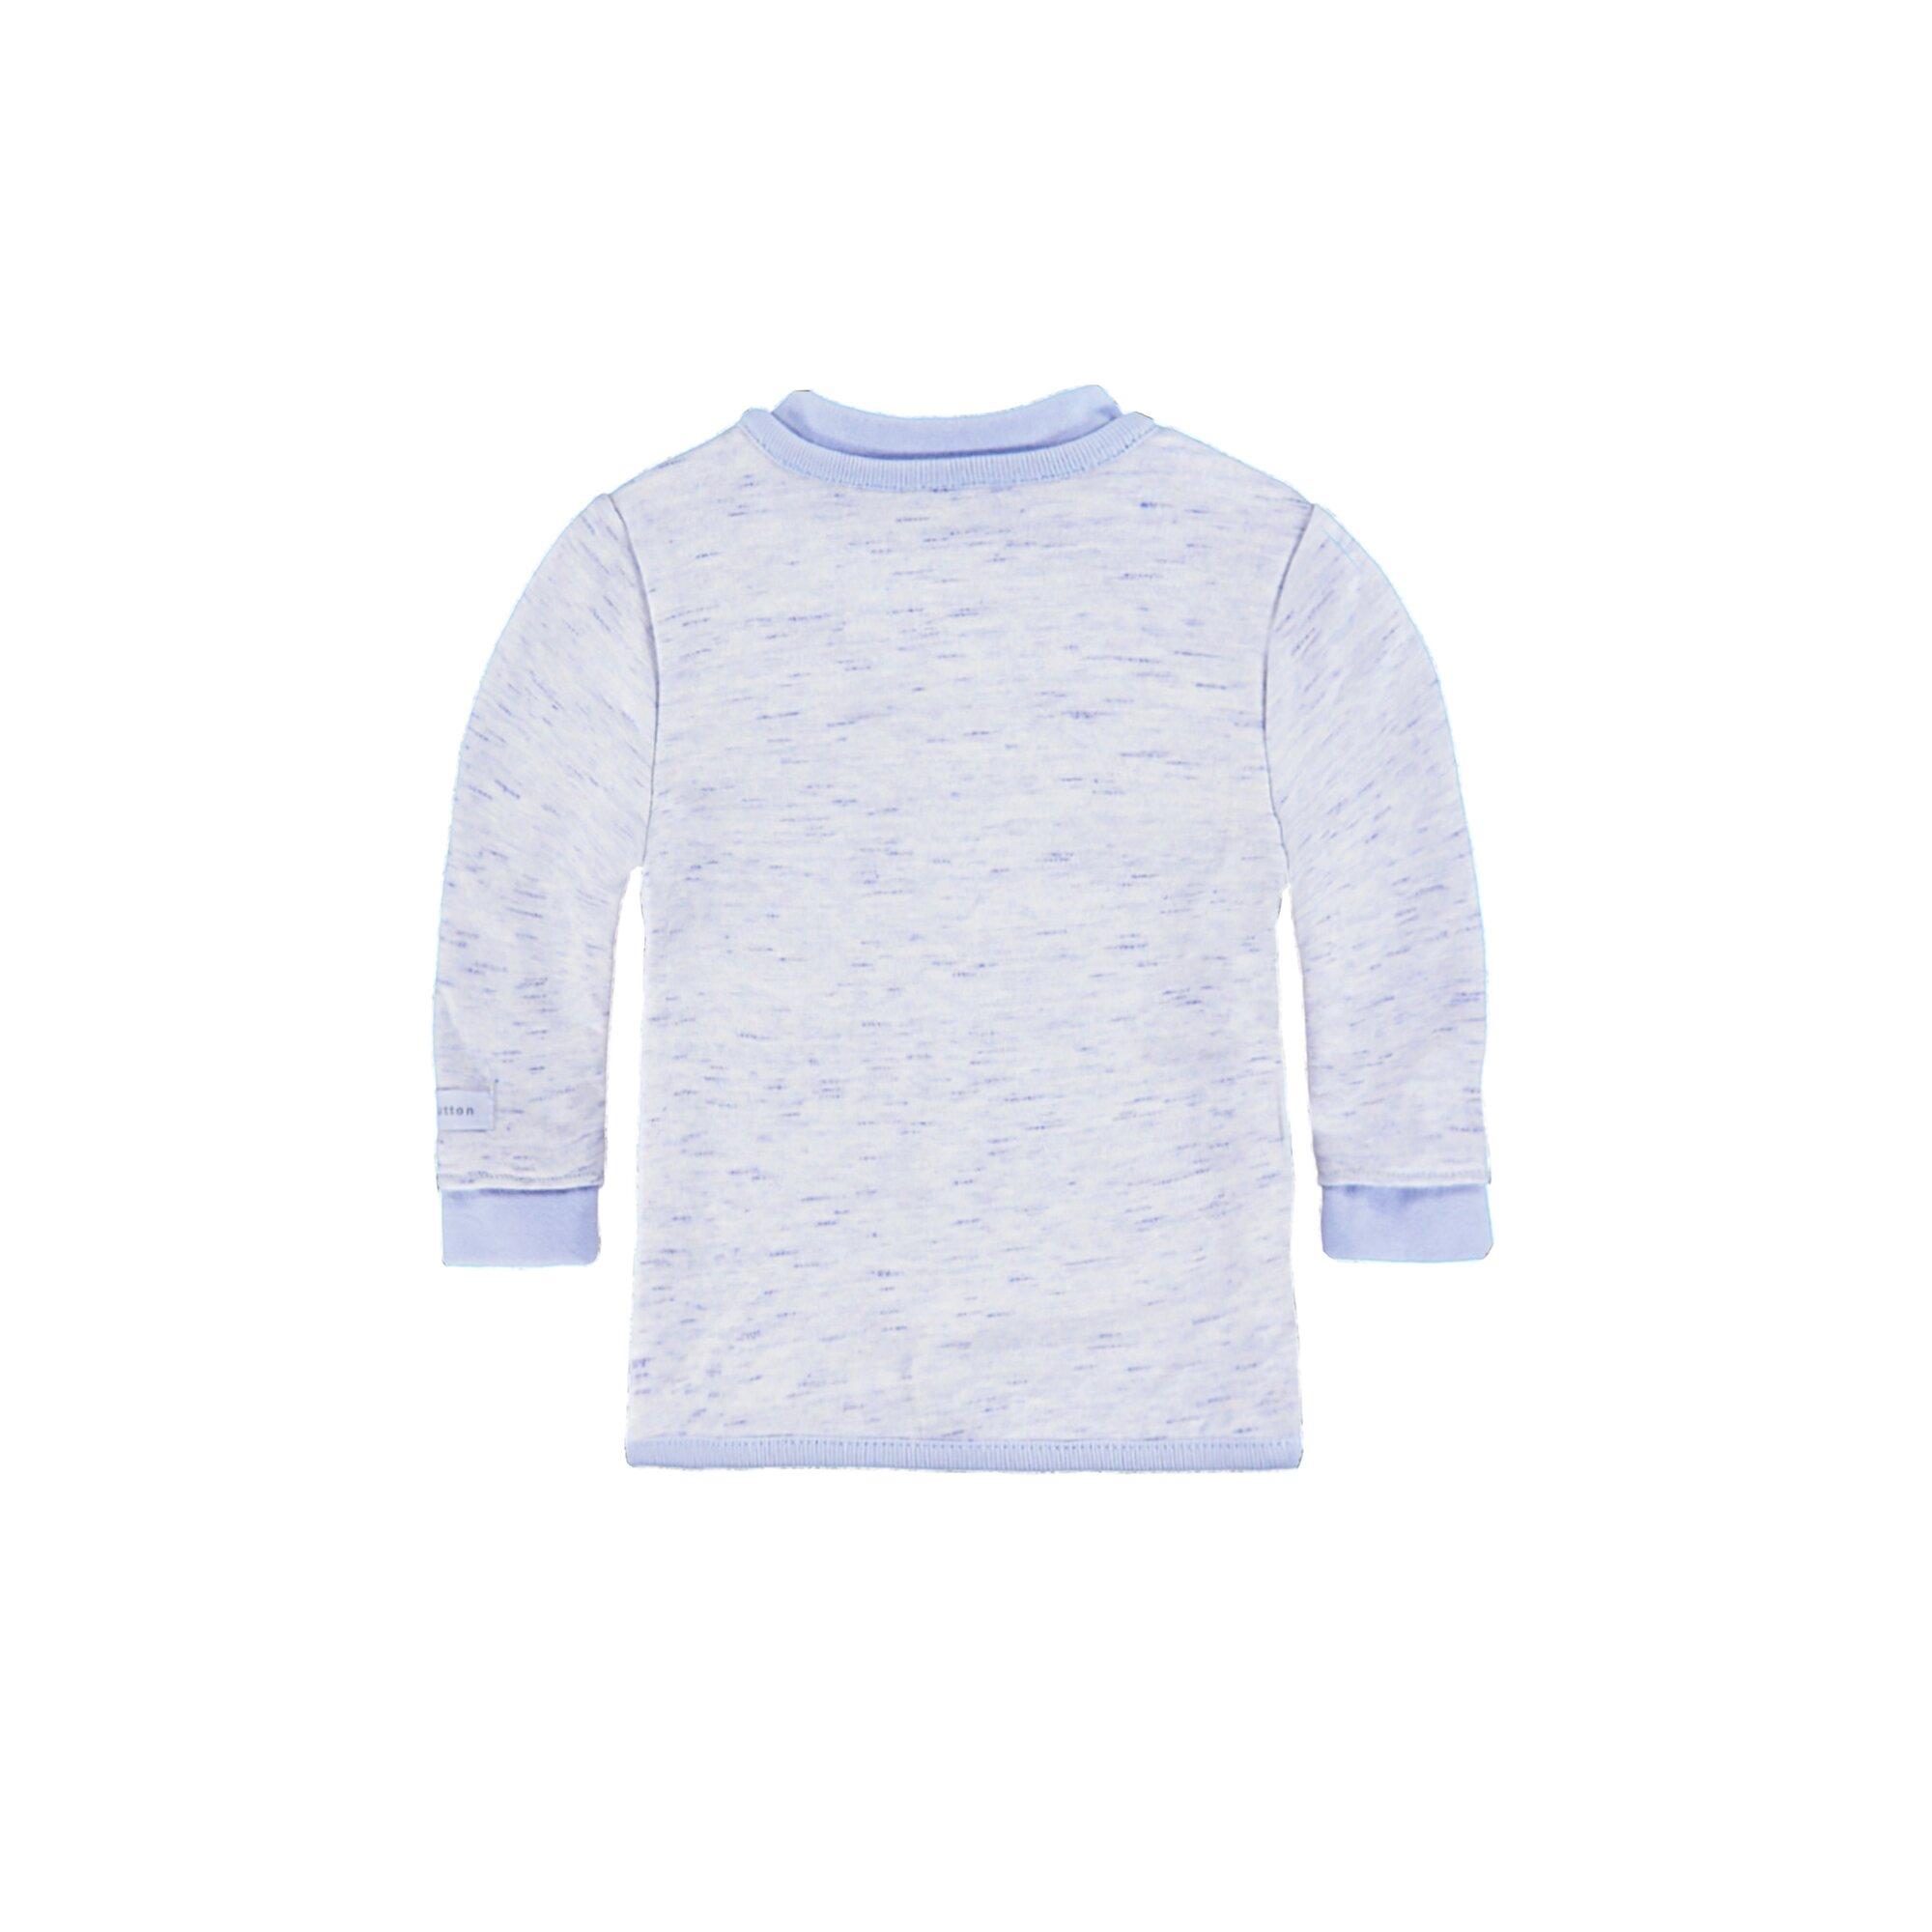 bellybutton-sweatjacke-fur-babies-zum-wenden-blau-50-56-62-68-74-80-86